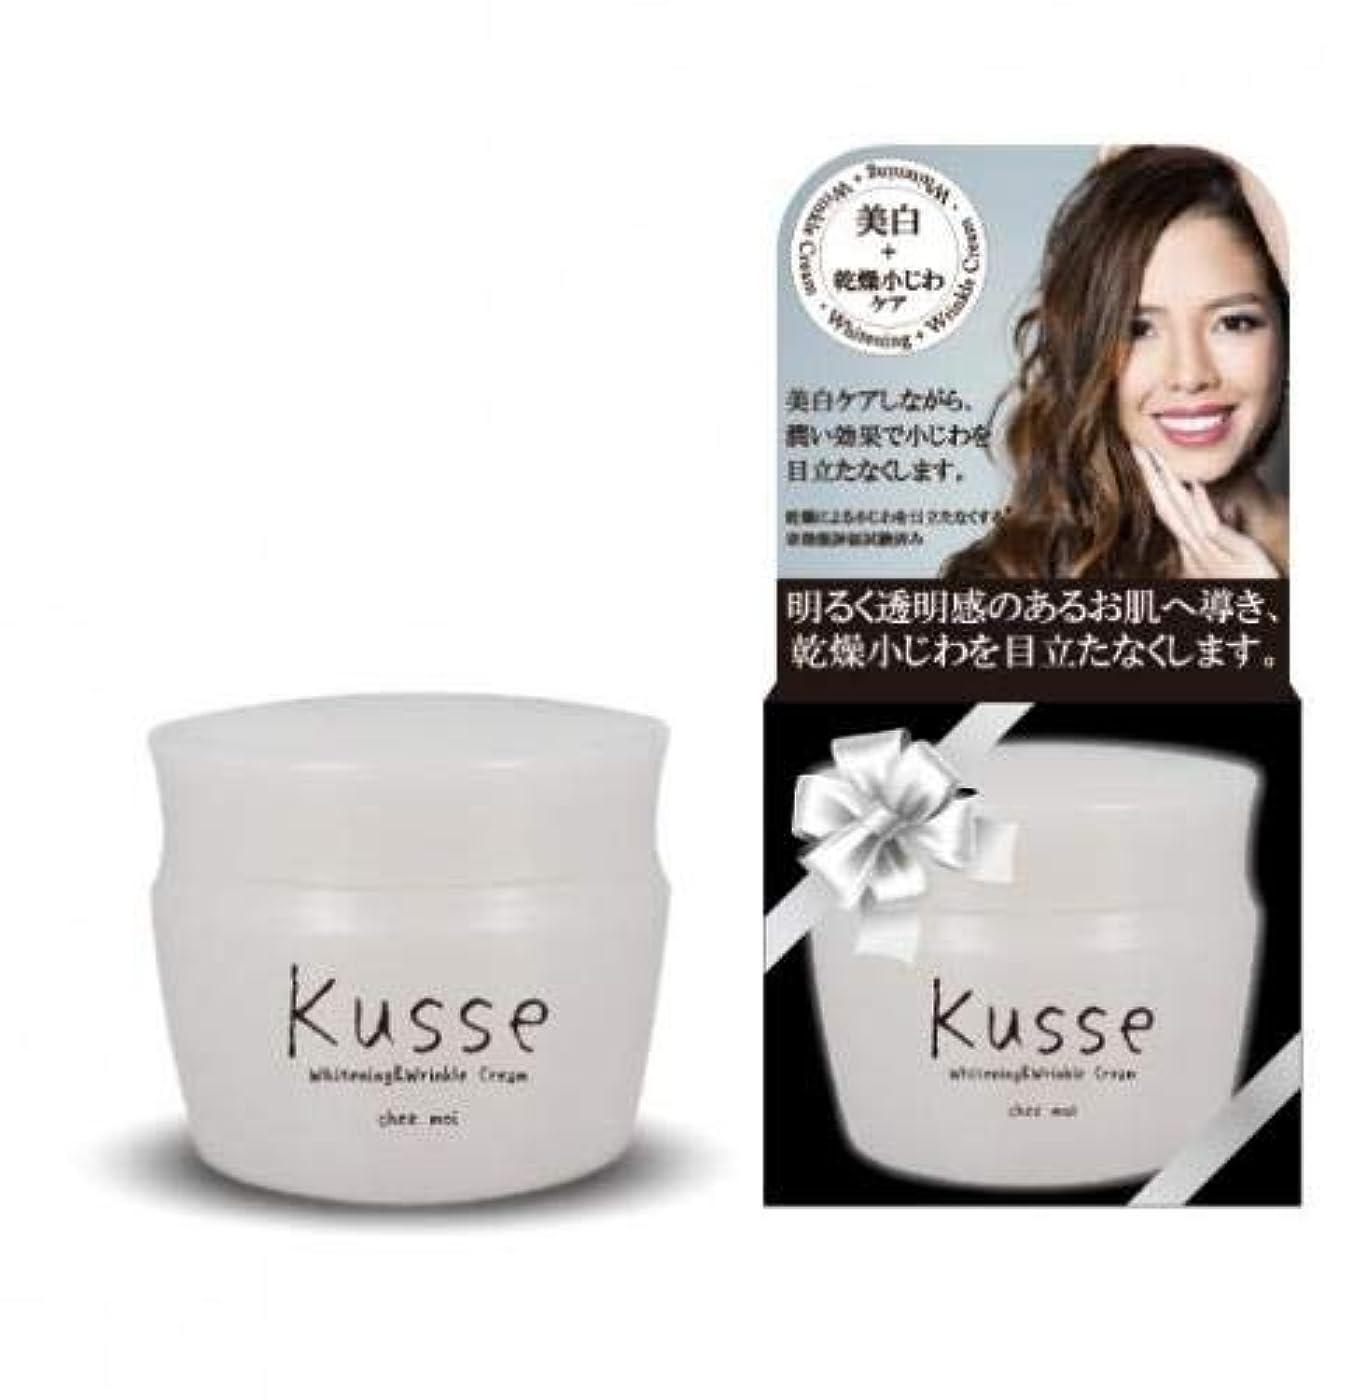 排除する影響力のある溶けたシェモア 薬用 Kusse(キュセ) Whitening&Wrinkle Cream クリーム 30g